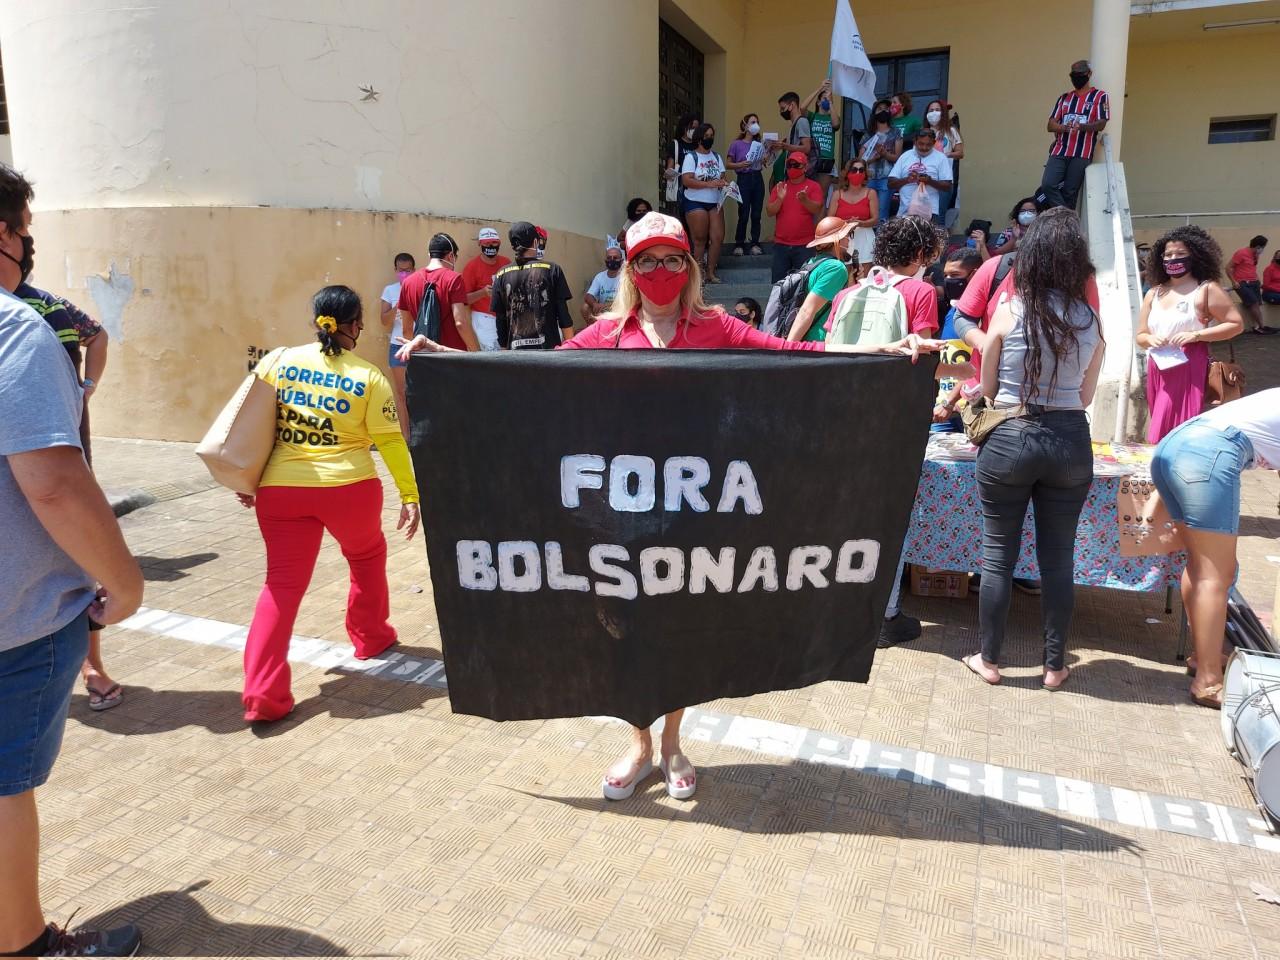 Fora Bolsonaro3 - Com presenças de Damião, Anísio e Cida, esquerda realiza atos contra Bolsonaro neste sábado (02) na Paraíba